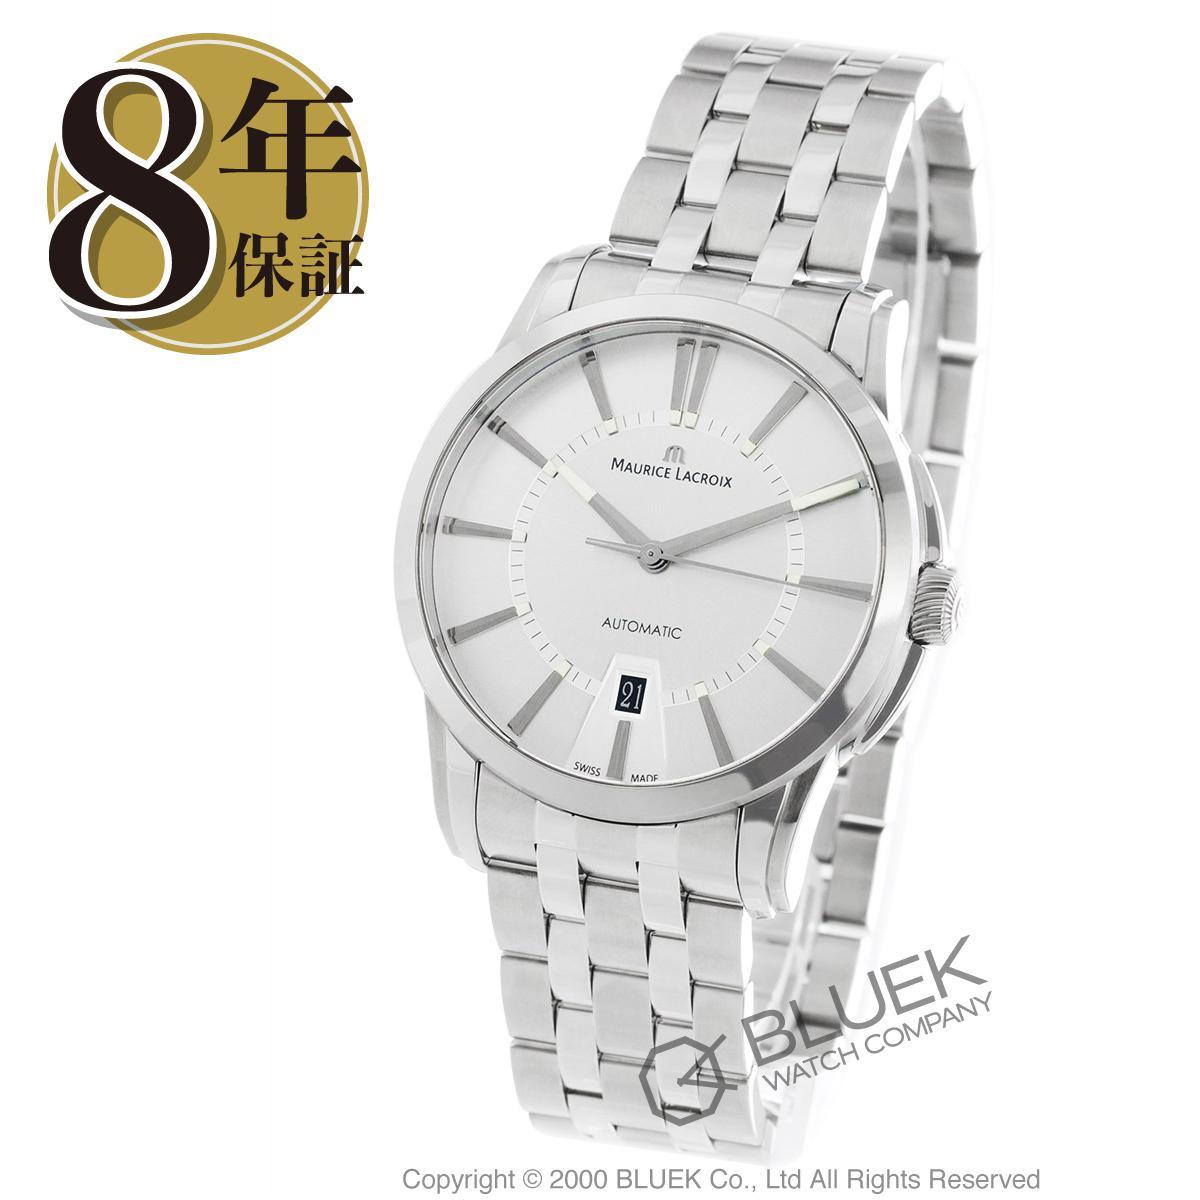 モーリス・ラクロア ポントス 腕時計 メンズ MAURICE LACROIX PT6148-SS002-130_8